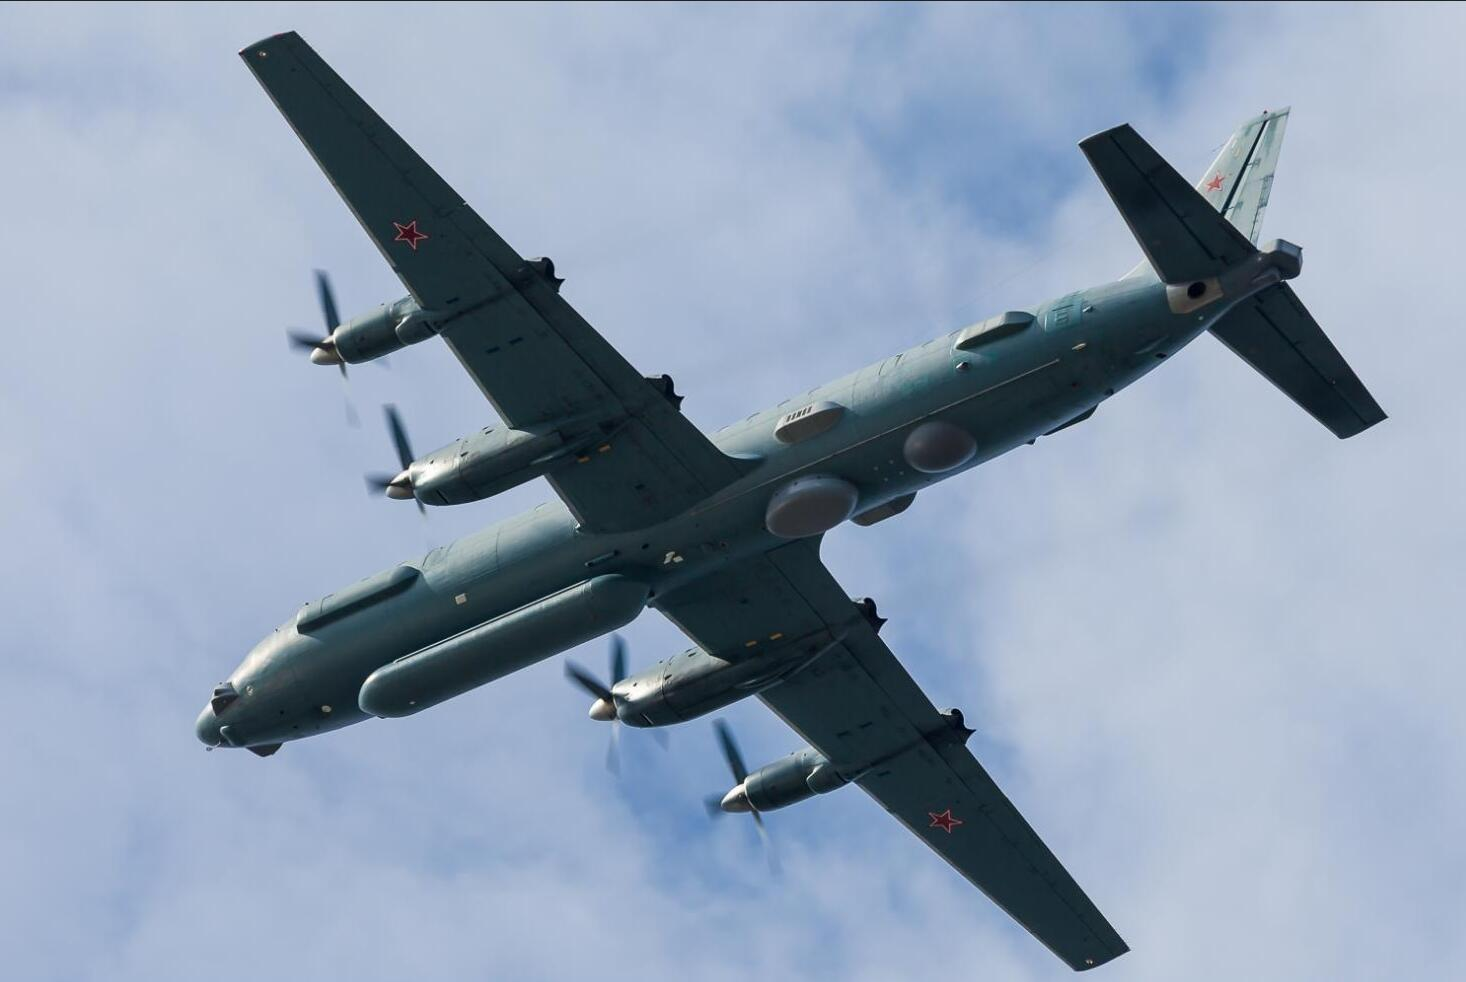 以军声称俄军机被击落时以战机并未躲在其后面